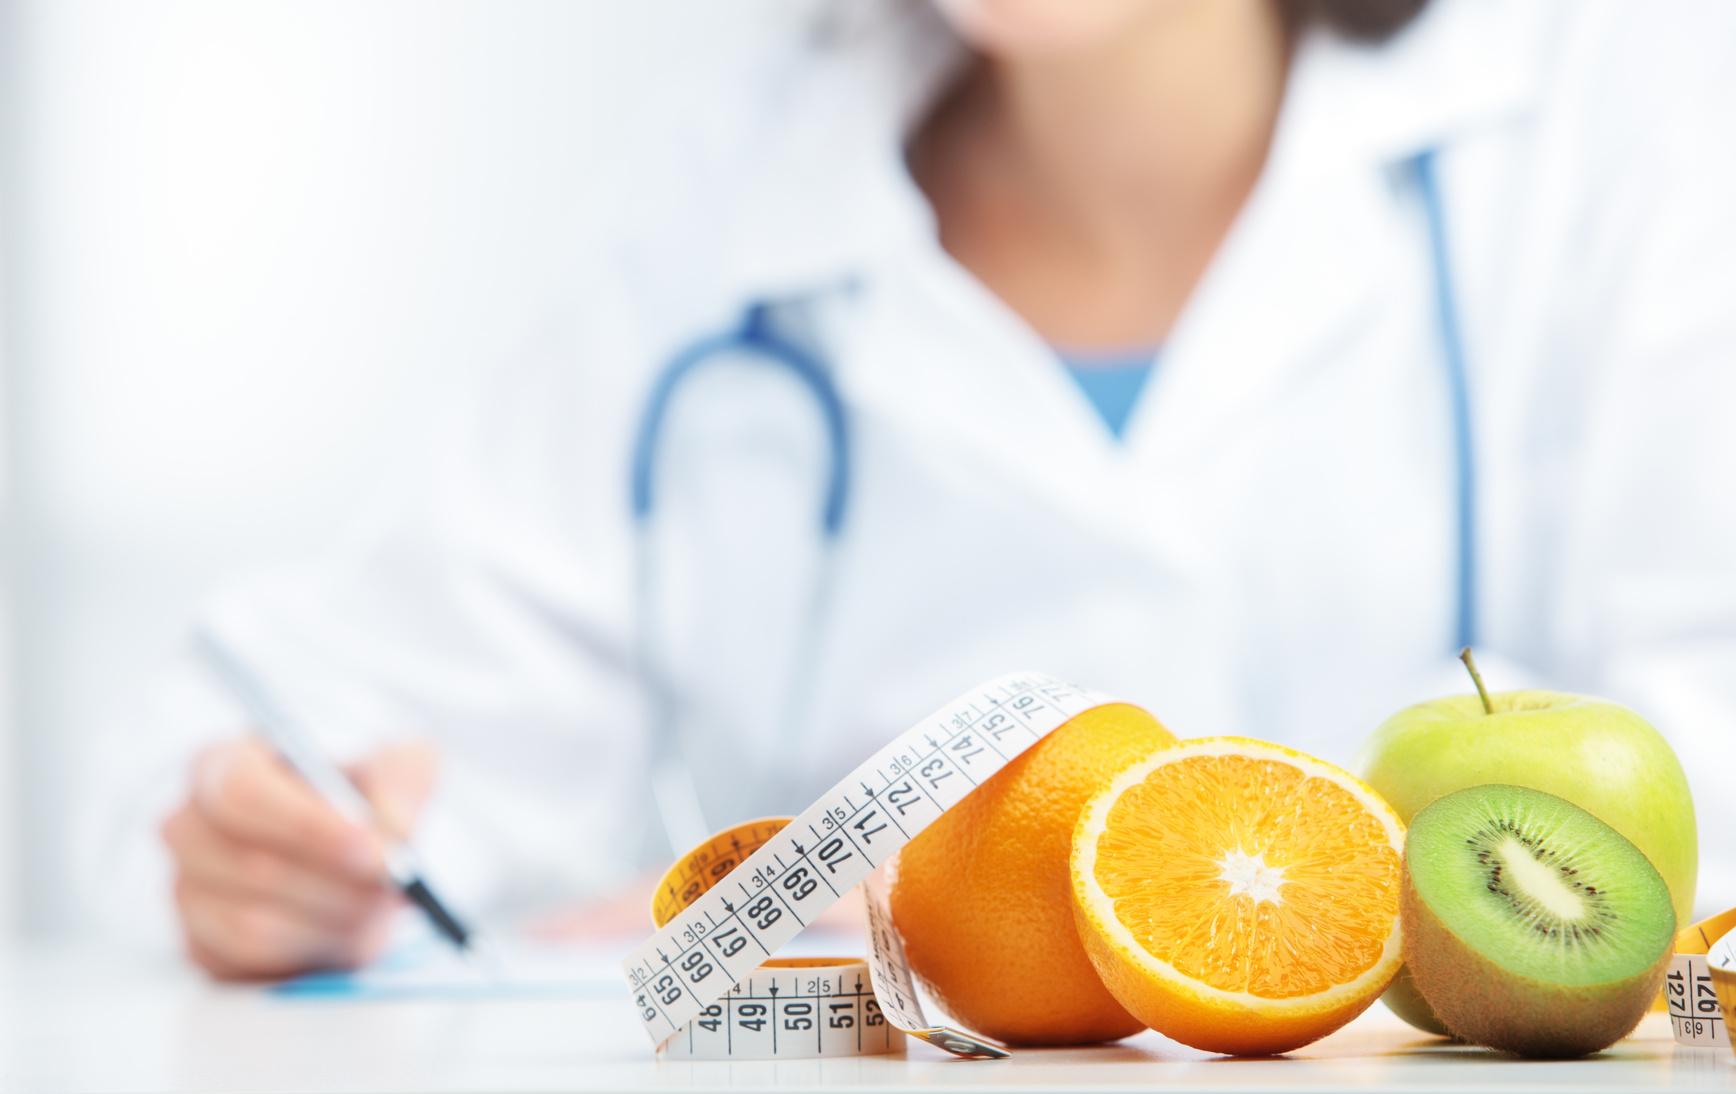 Consulta de un nutricionista o dietista